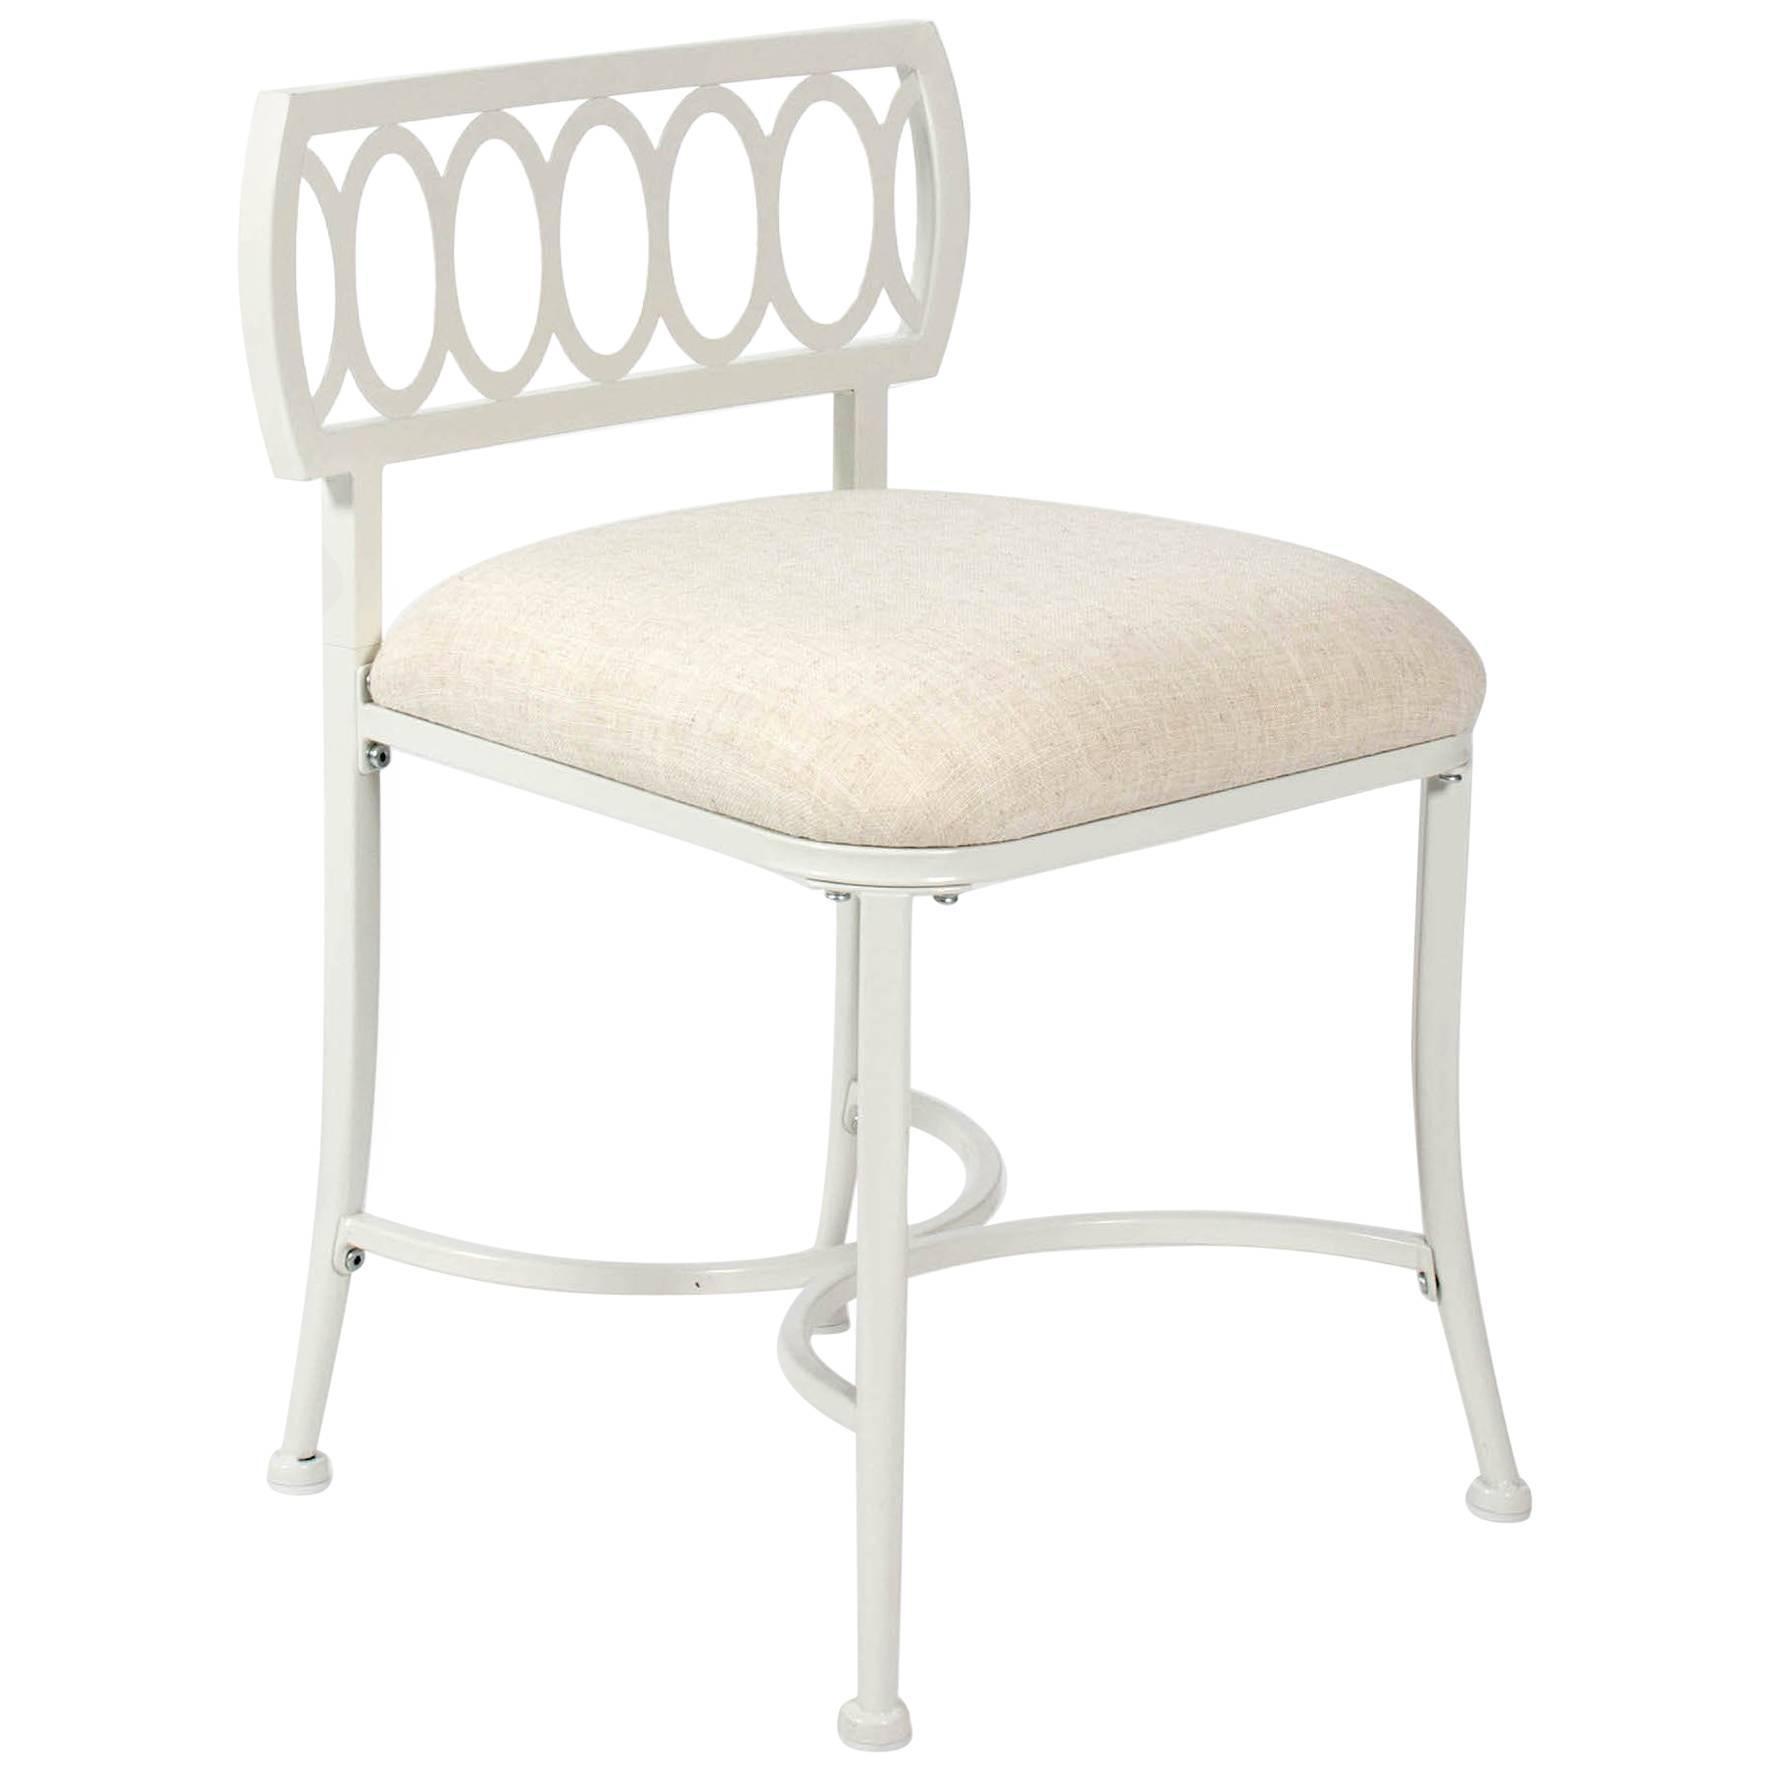 Vanity stools with back Bathroom Vanity 1stdibs White Metal Loop Back Vanity Chair For Sale At 1stdibs